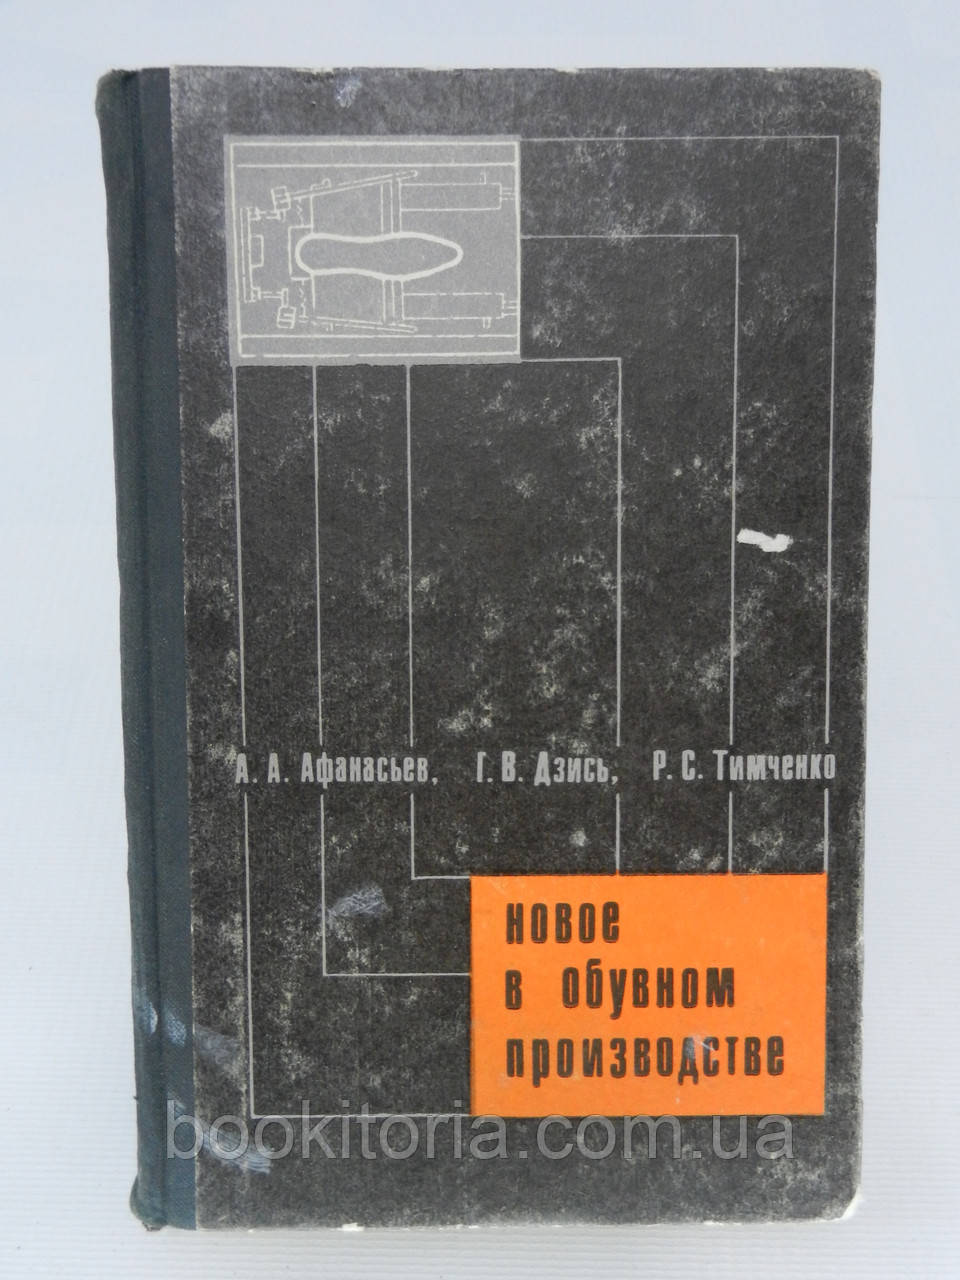 Афанасьев А.А. и др. Новое в обувном производстве (б/у).